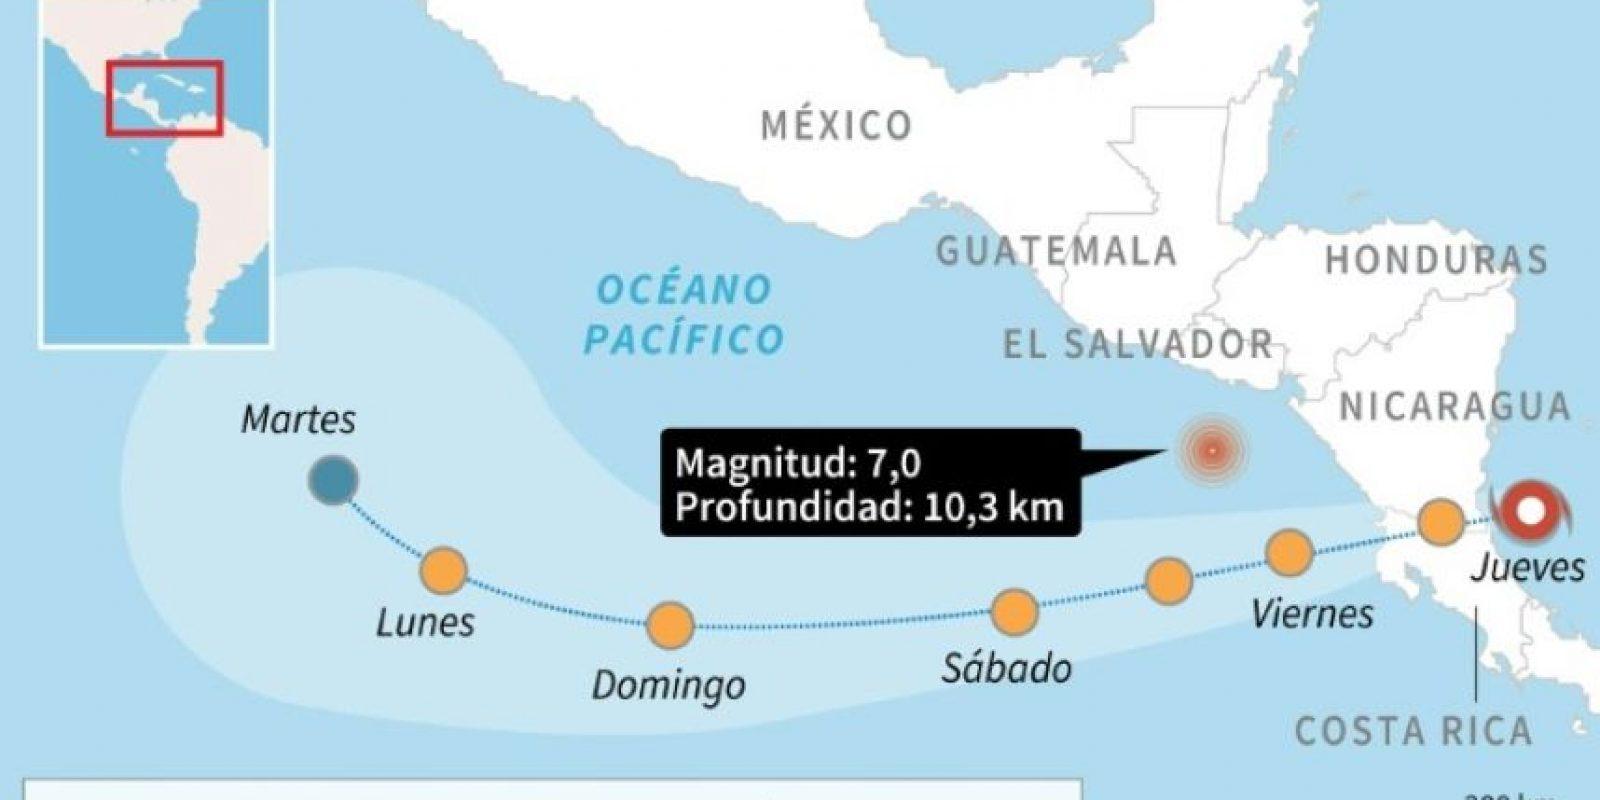 Localización del seísmo de magnitud 7,2 en las costas del Pacífico en Centroamérica Foto:Gustavo Izus, Anella Reta/afp.com